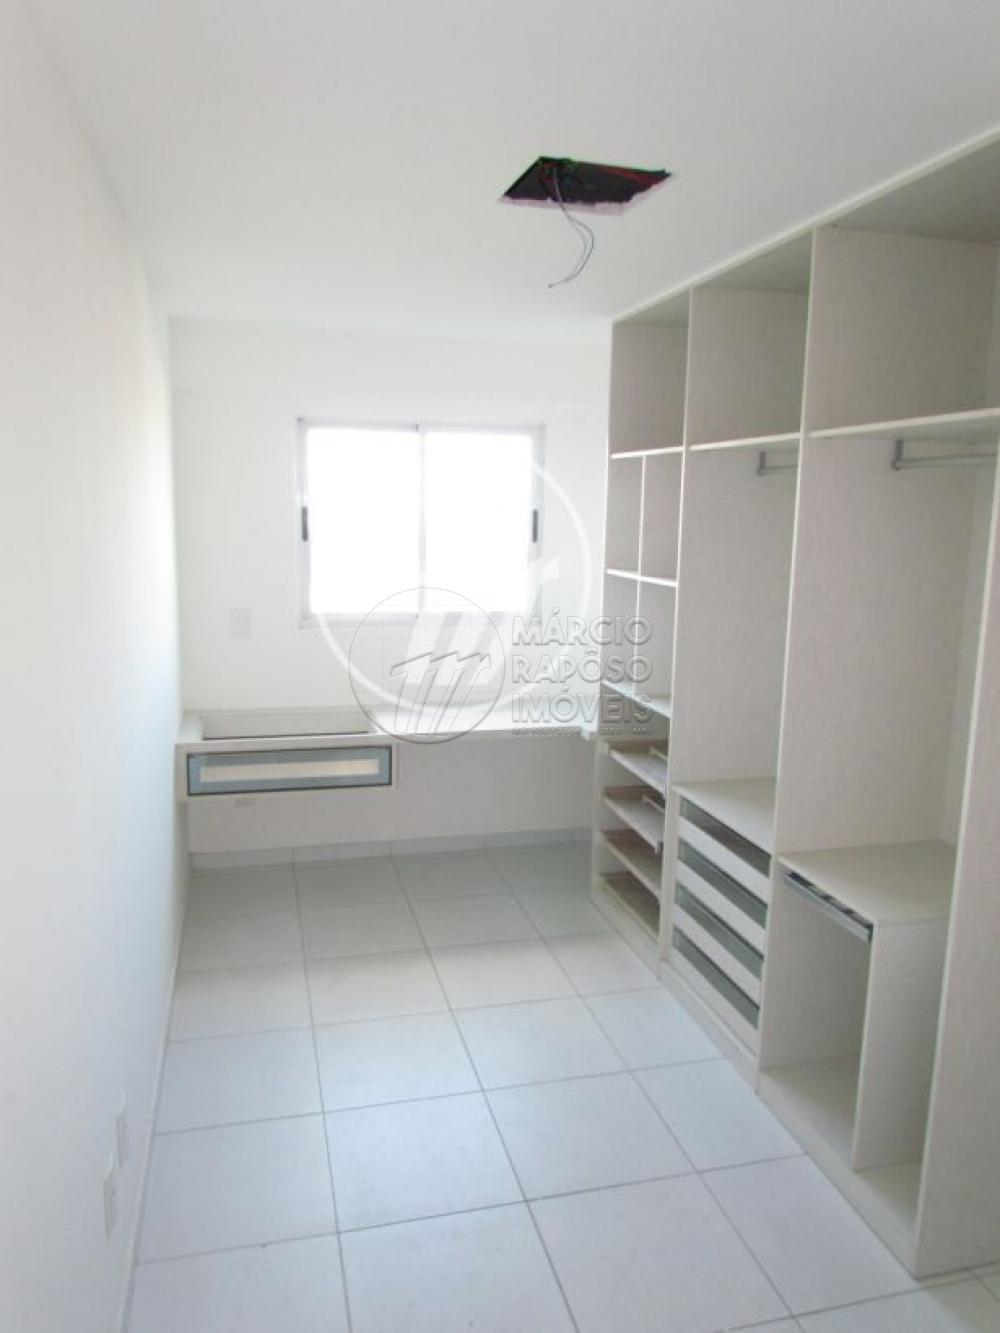 Comprar Apartamento / Padrão em Maceió apenas R$ 620.000,00 - Foto 5